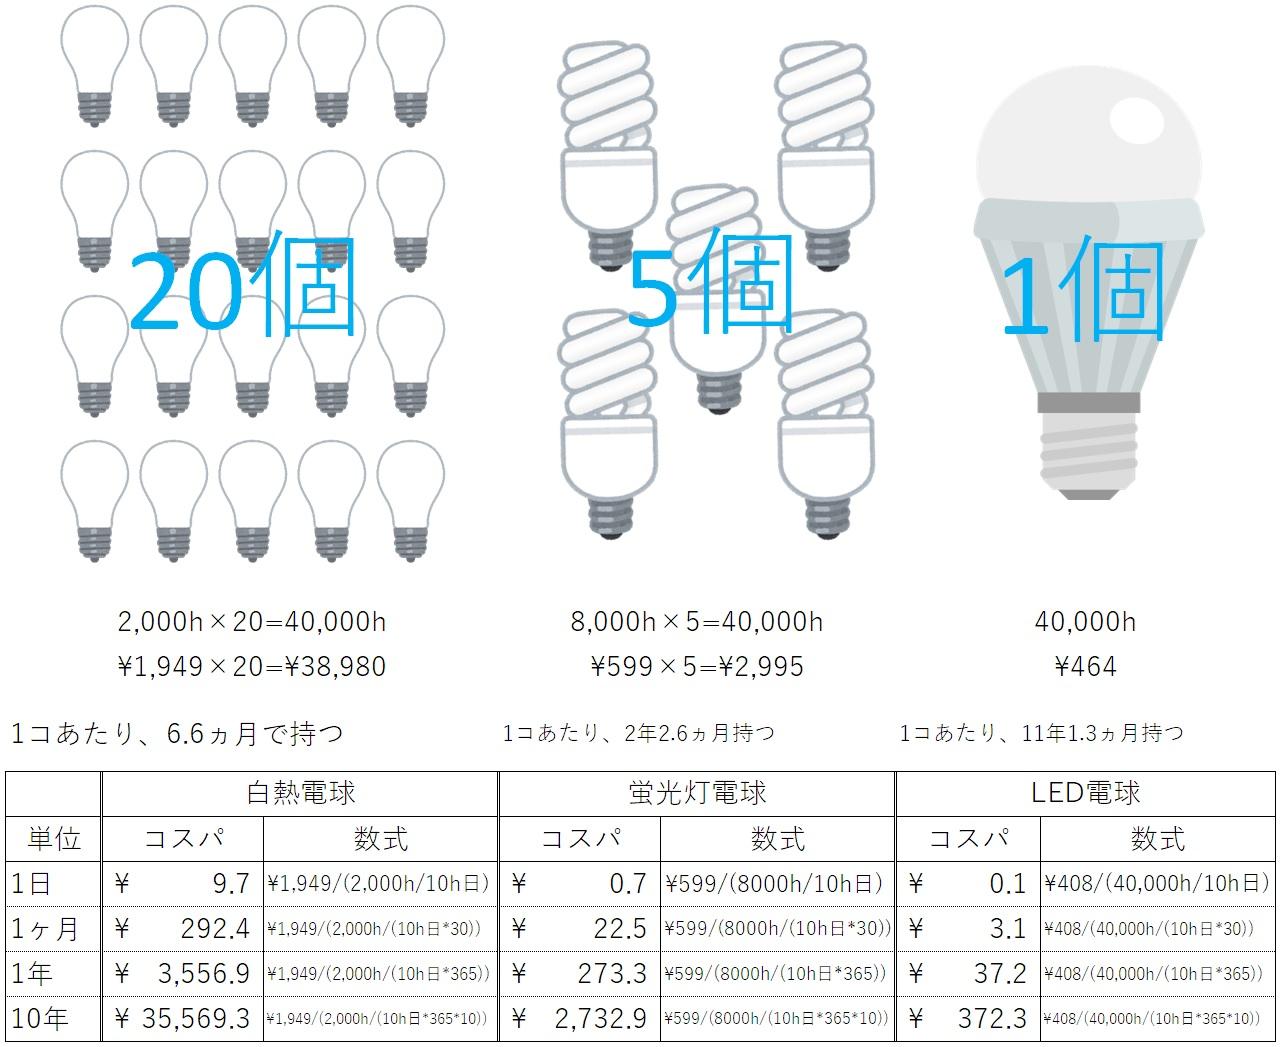 自宅照明LED化 コスパ比較編